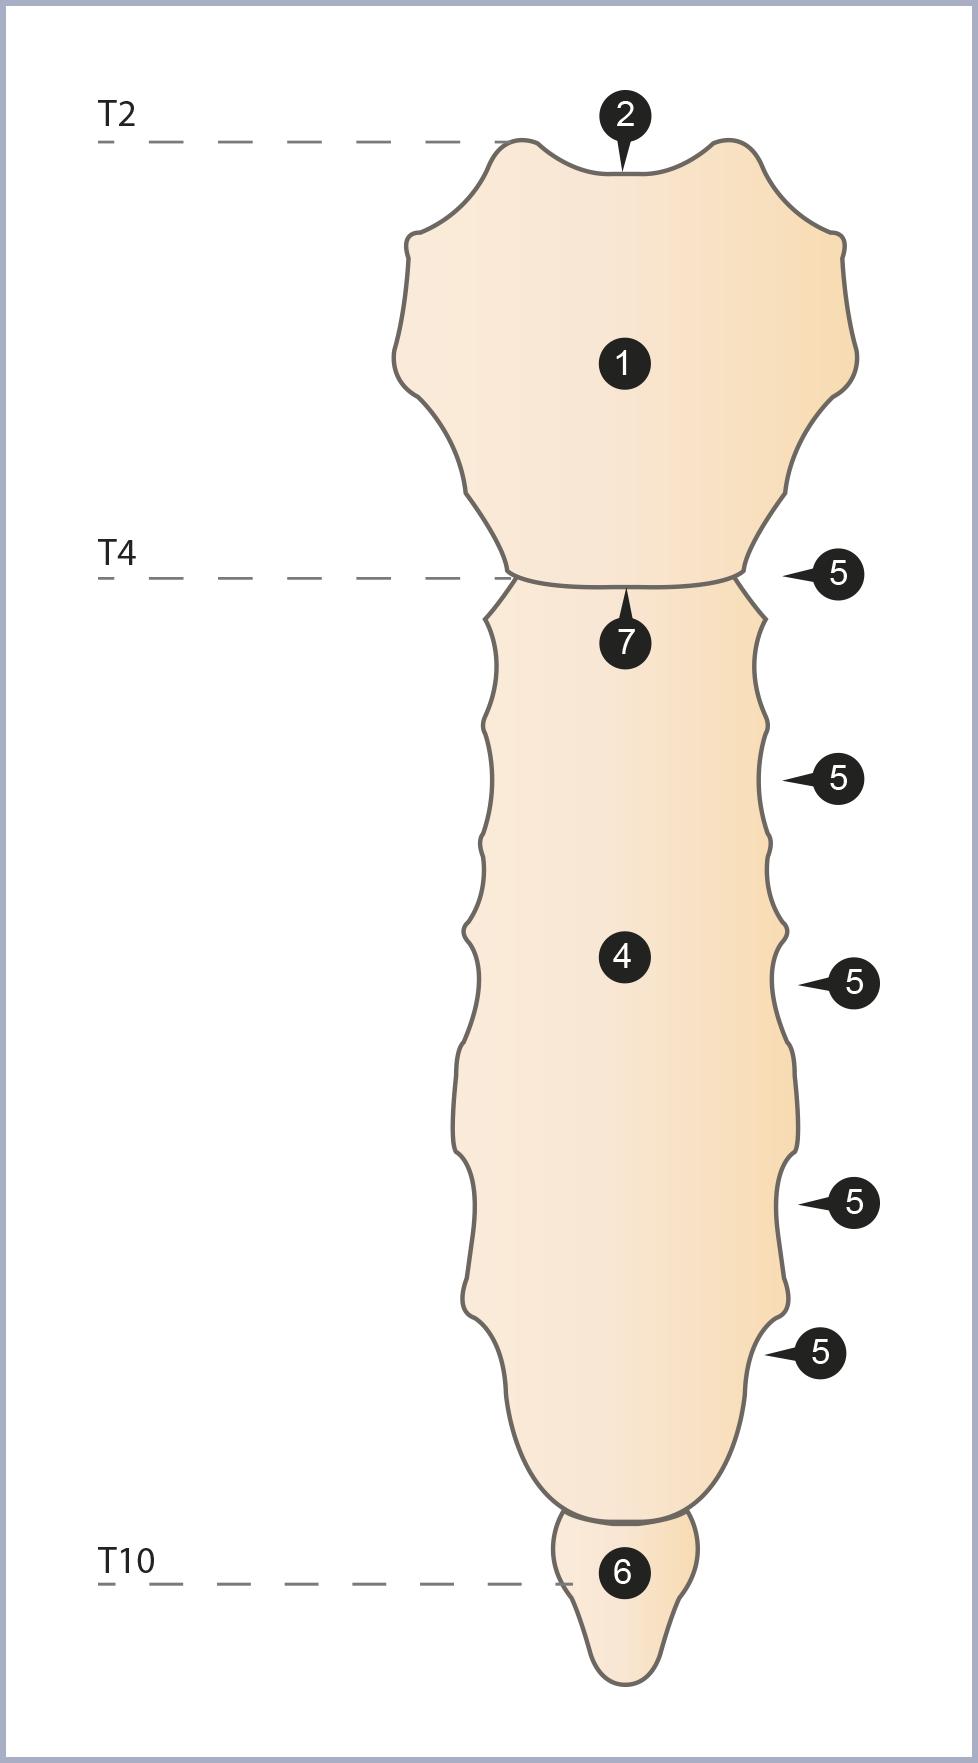 Triangle latéral du cou   Le cou   Tête et cou   Anthropotomia ad0ef17de1f